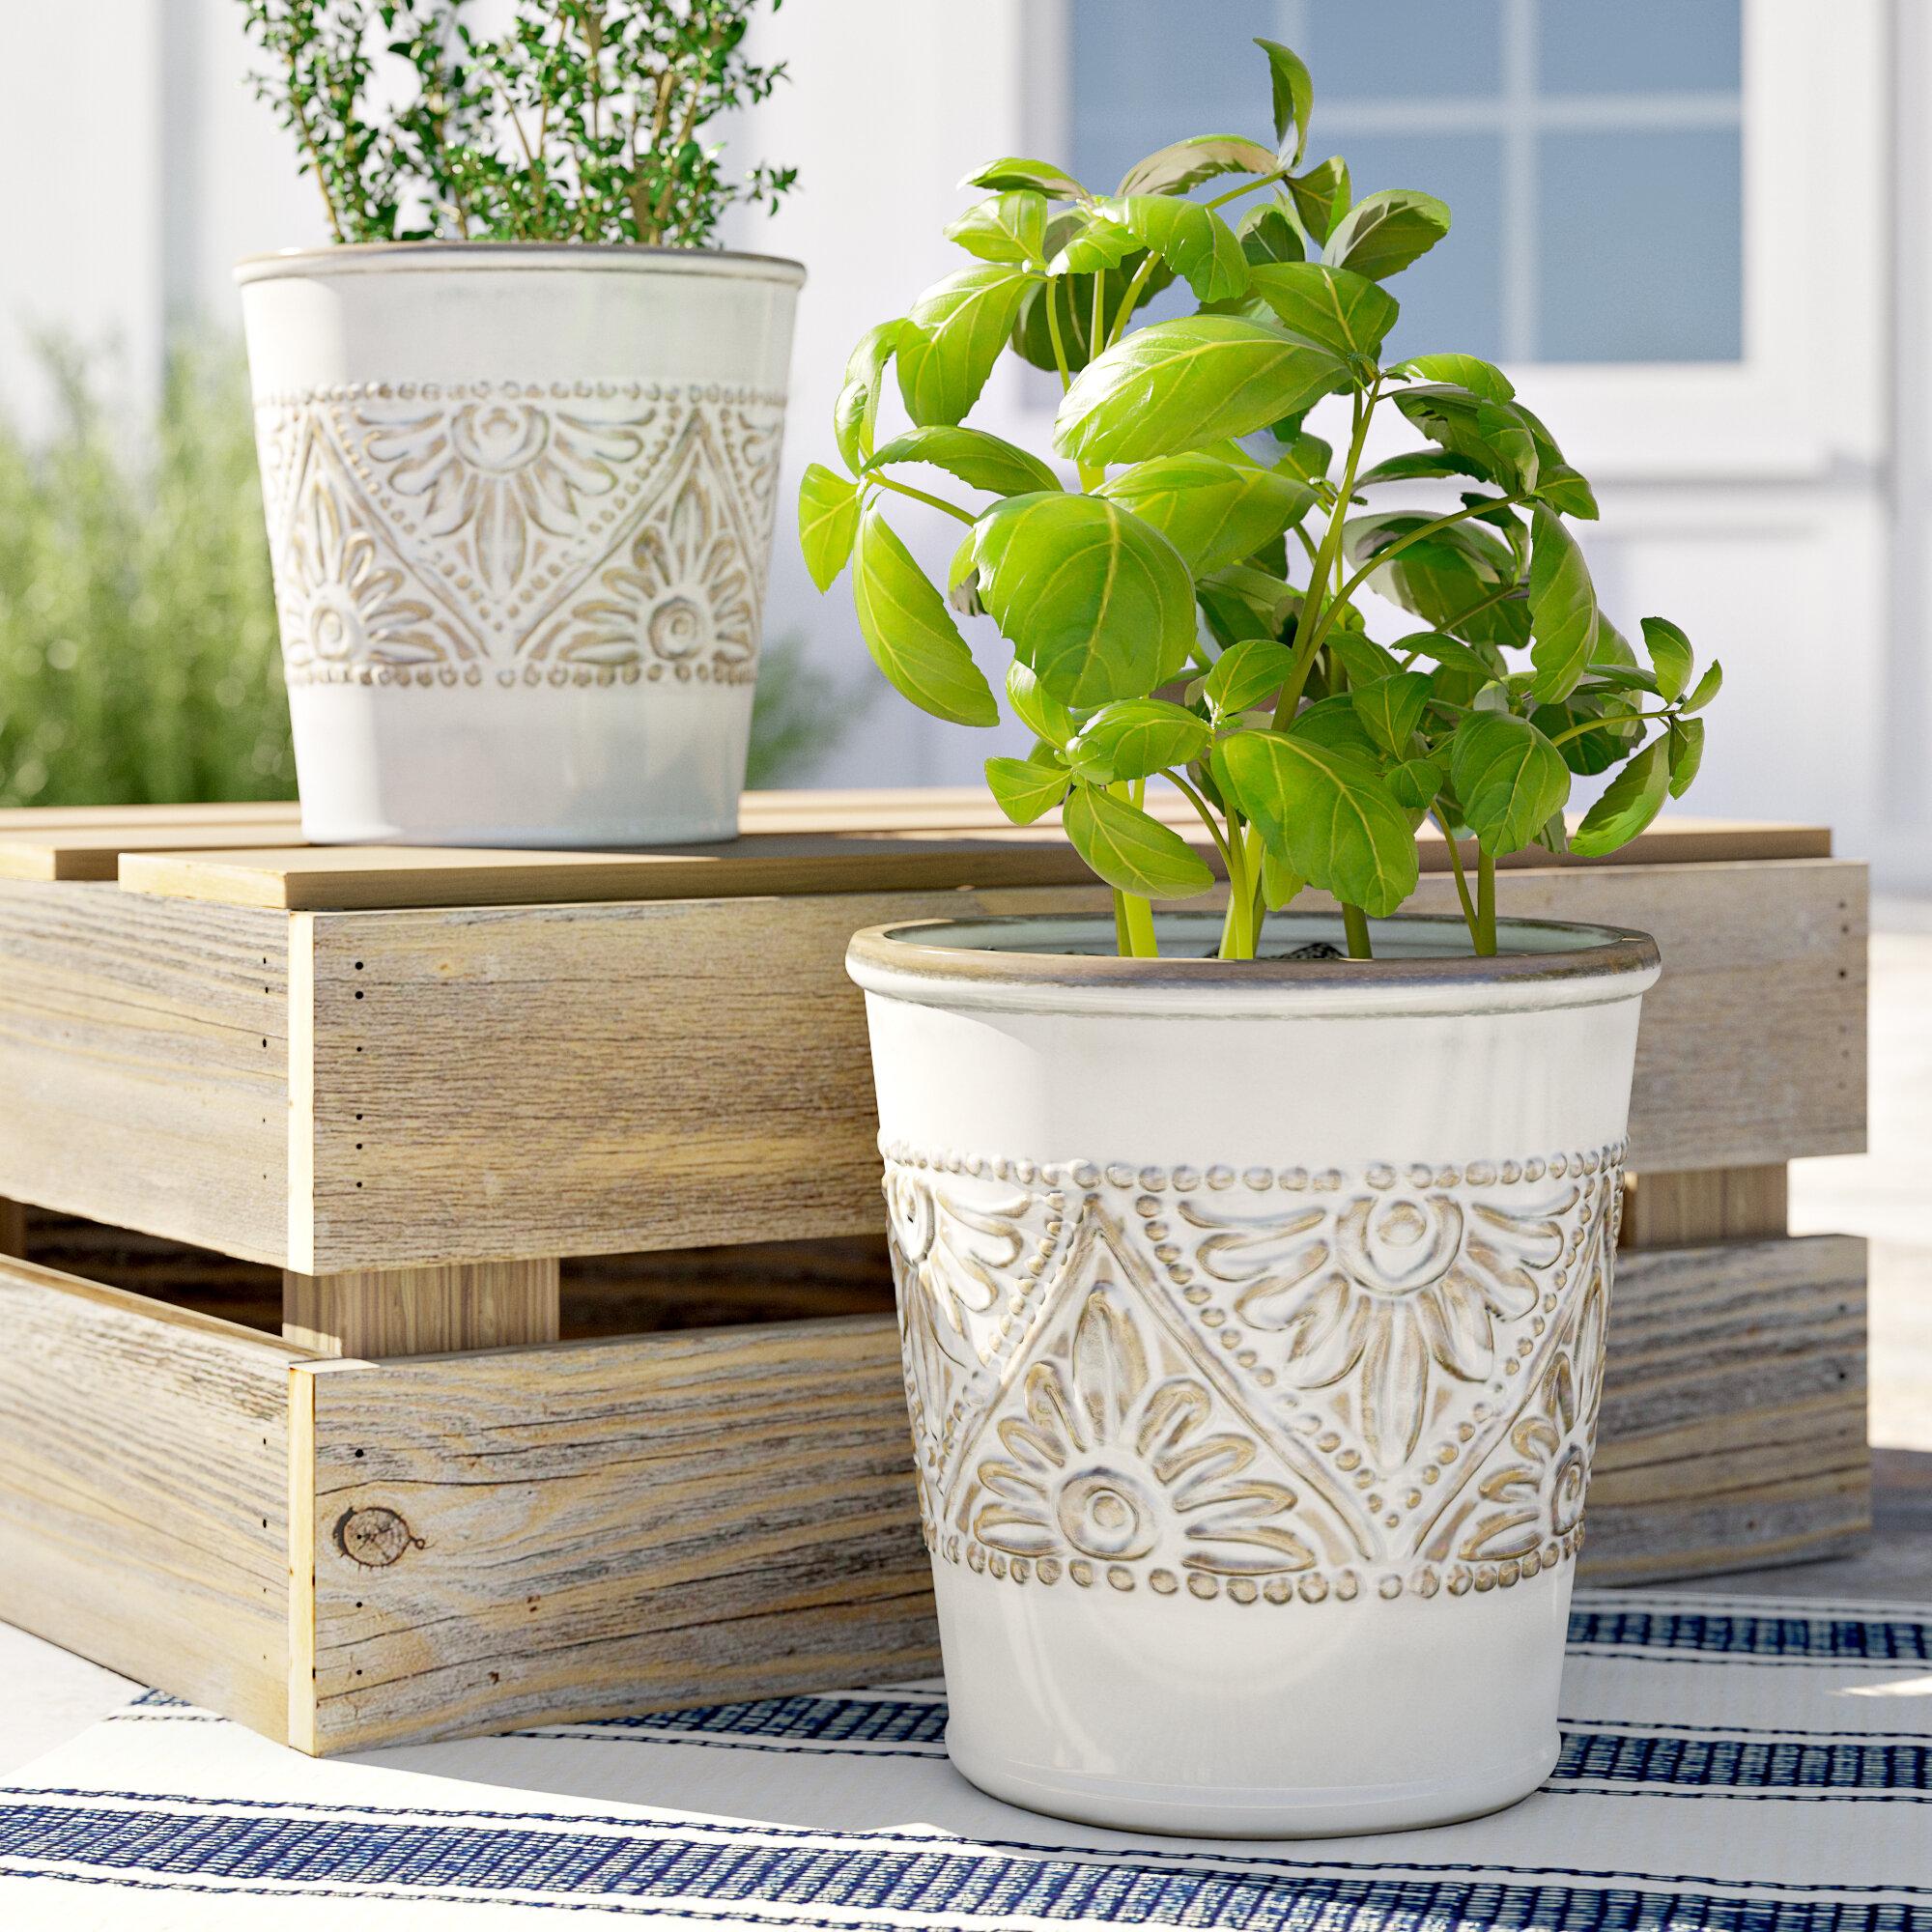 Woodcreek Floral Pattern 2 Piece Ceramic Pot Planter Reviews Birch Lane